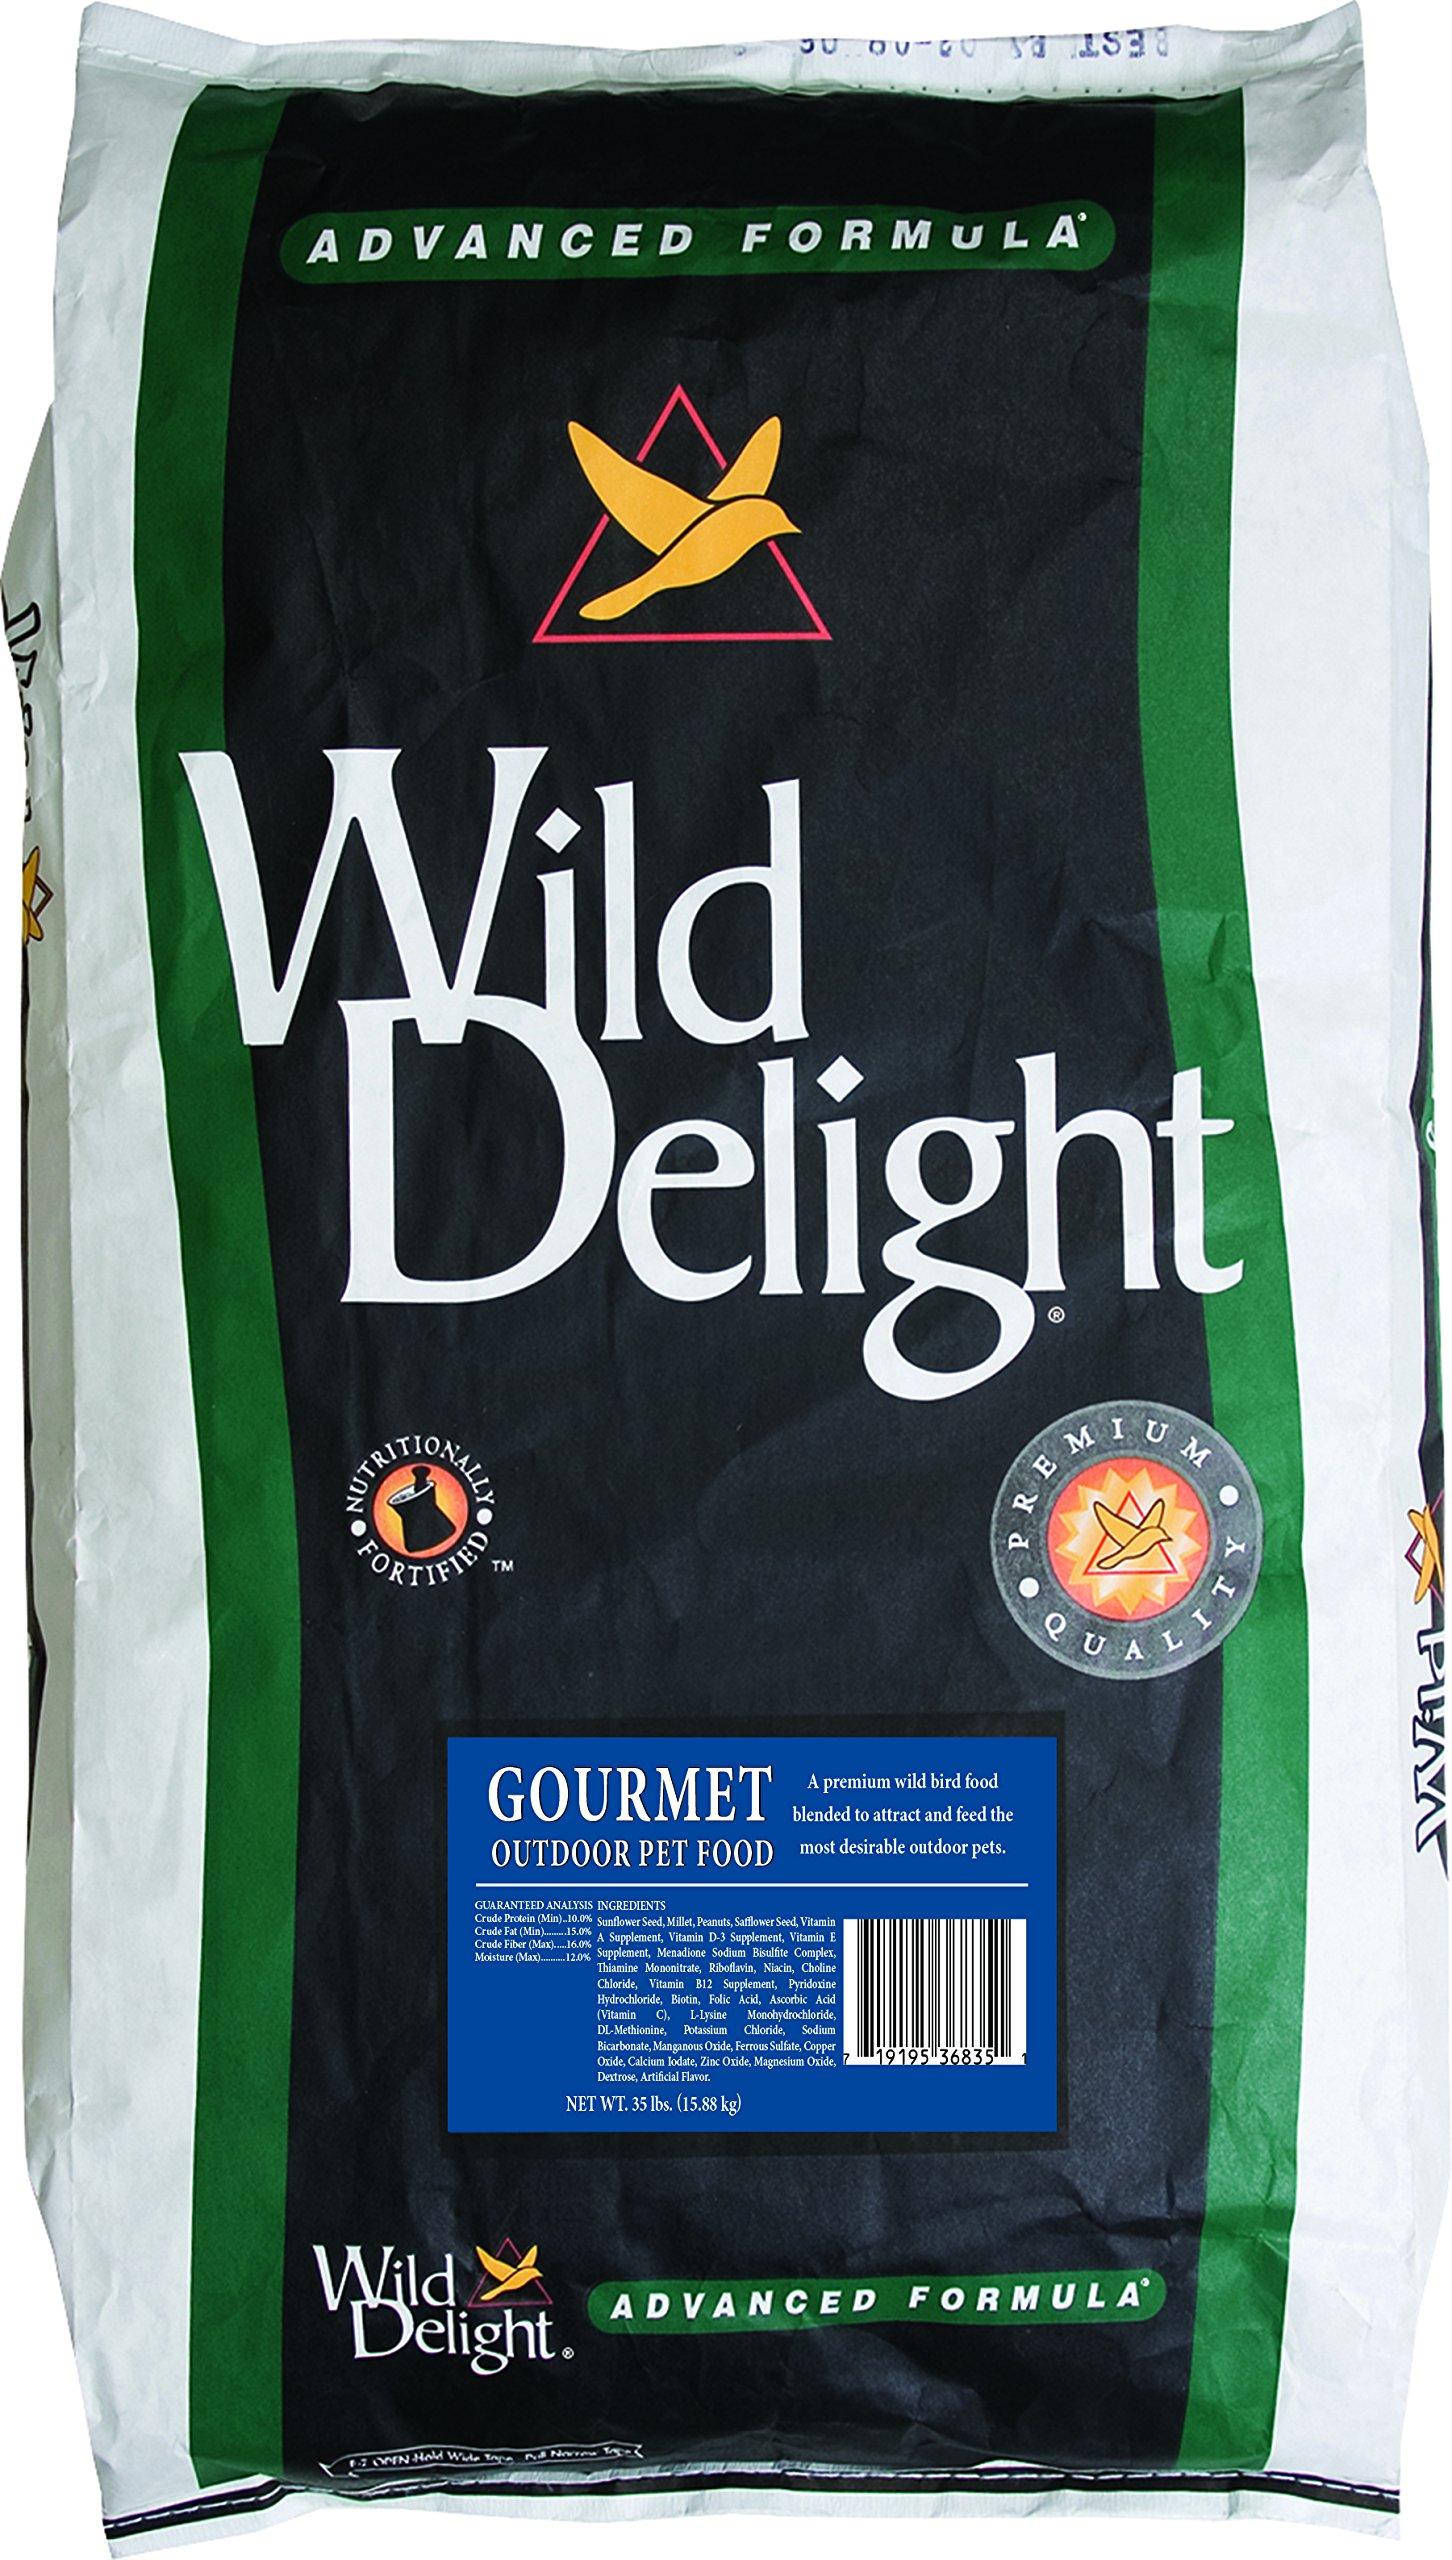 Wild Delight Gourmet Outdoor Pet Food, 35 lb